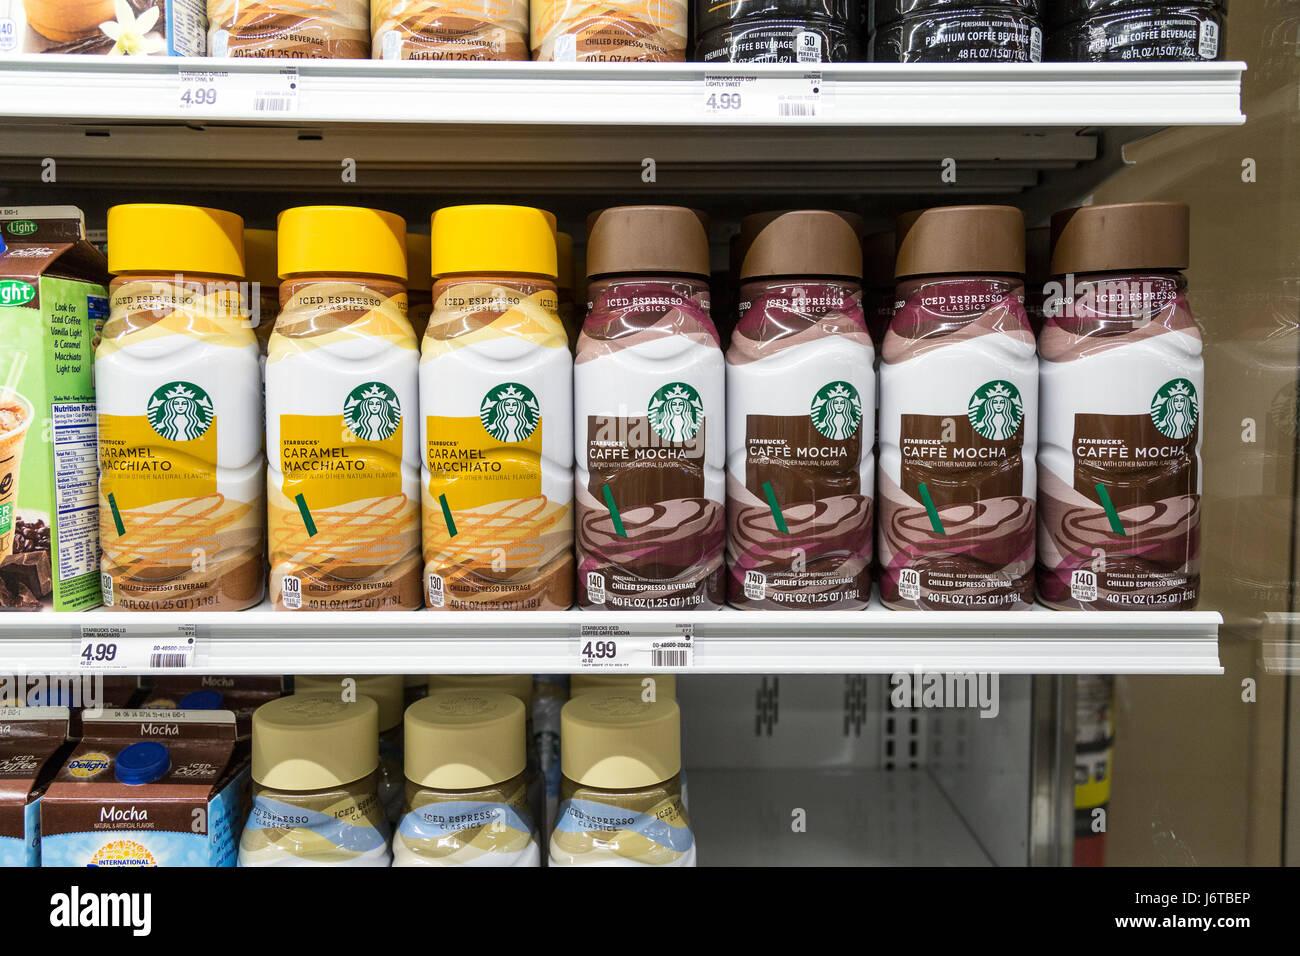 Eine Reihe von Starbucks Marke Kaffee Getränke auf einem Regal im ...